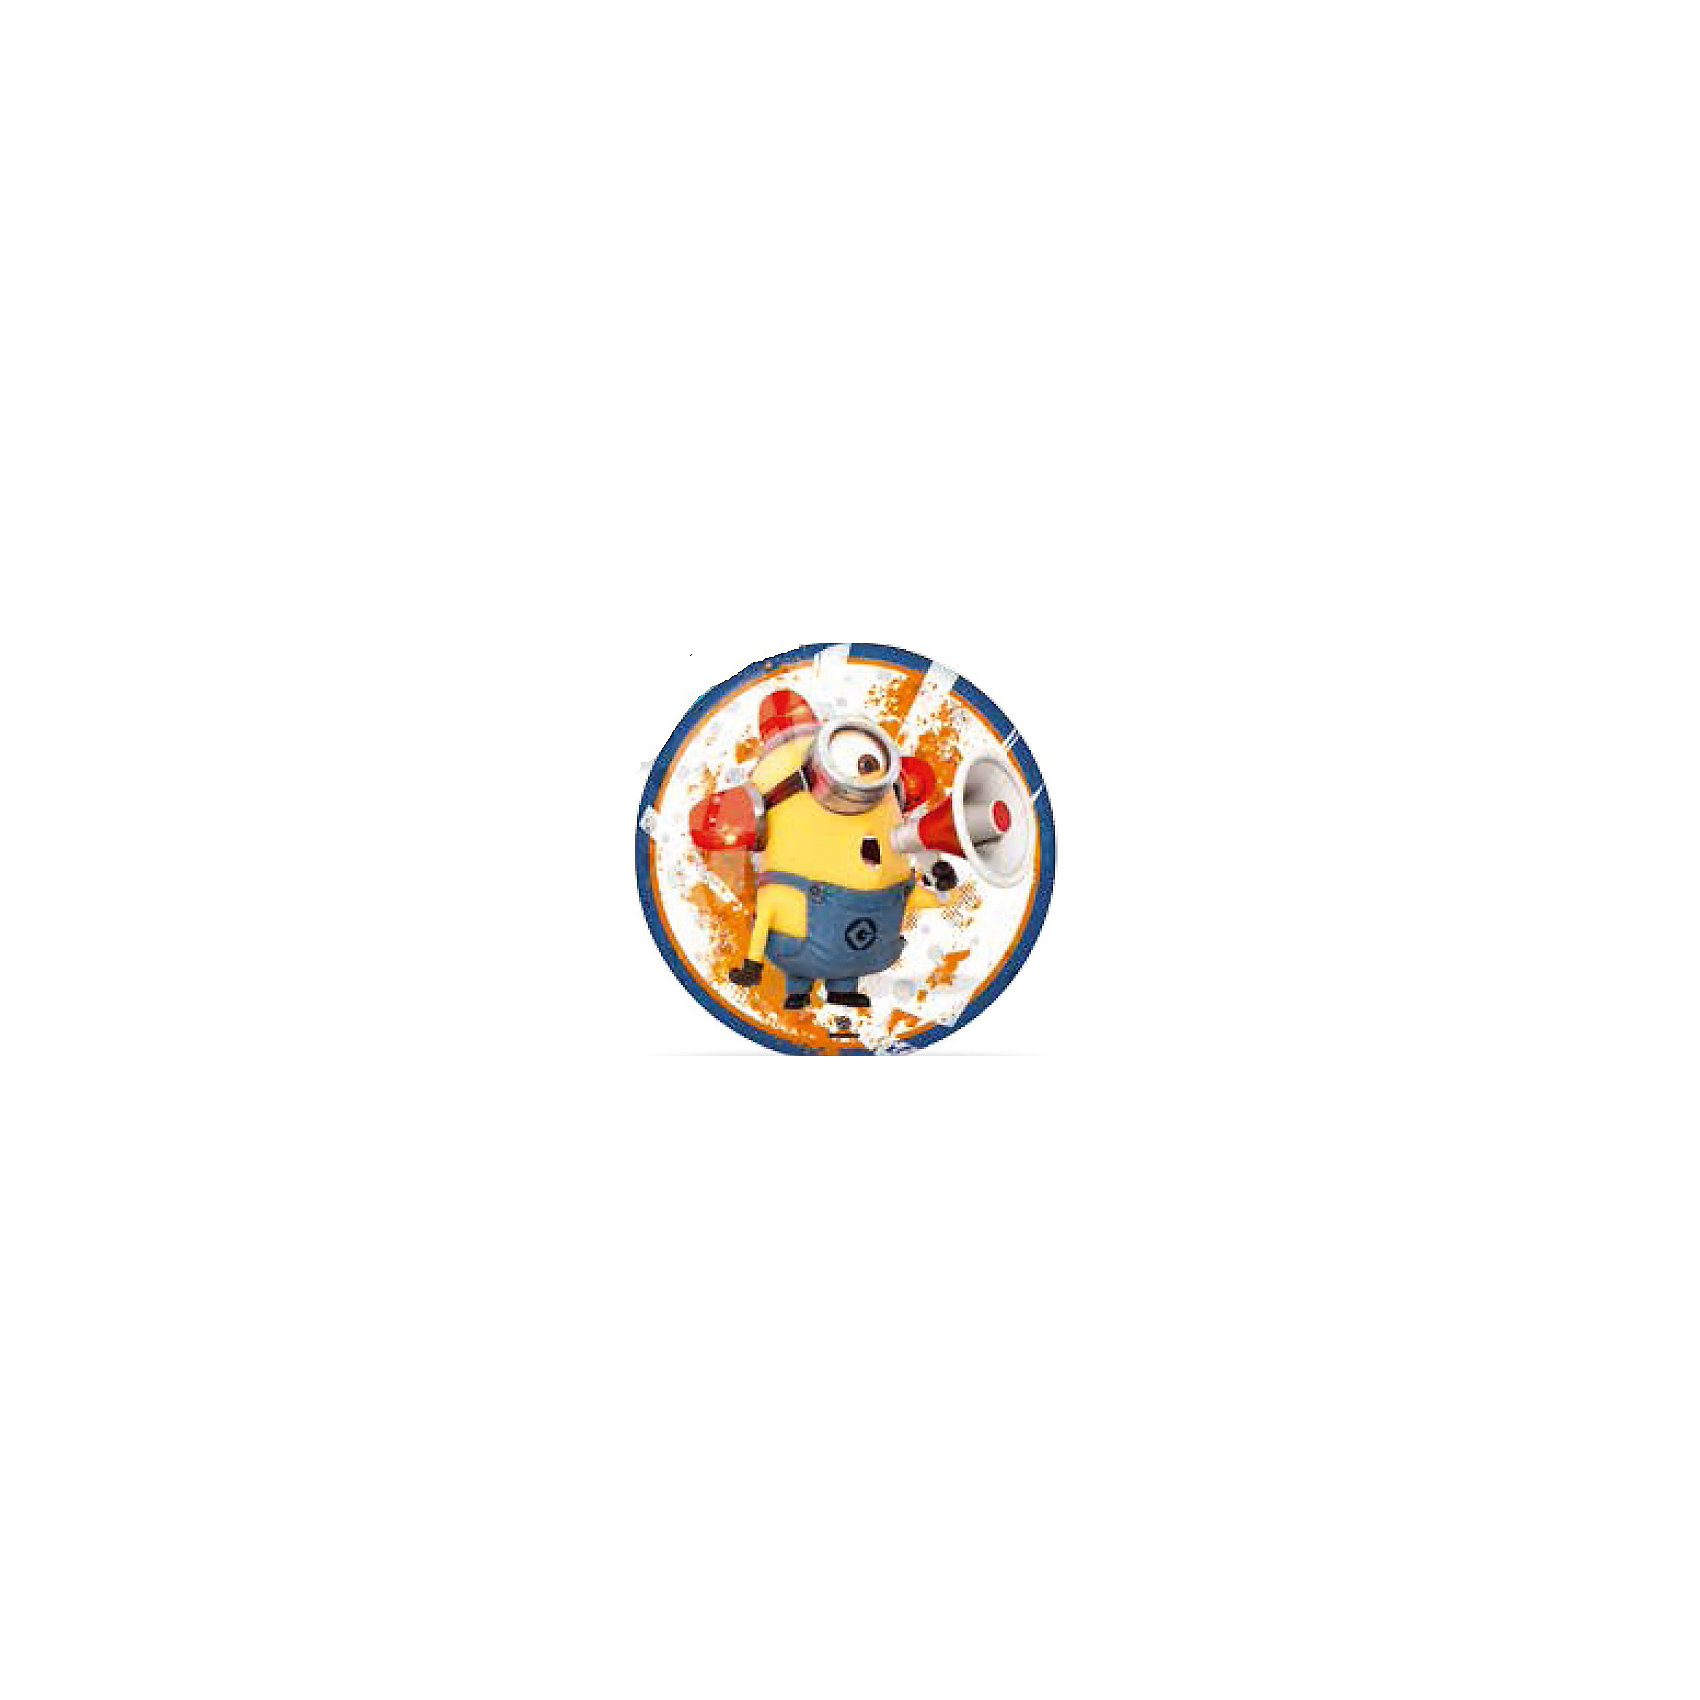 Mondo Мяч Гадкий Я- 2, 14 см,  Mondo mymei 1 комплект 12шт набор гадкий я 2 миньоны рисунок игрушки в розницу 96408